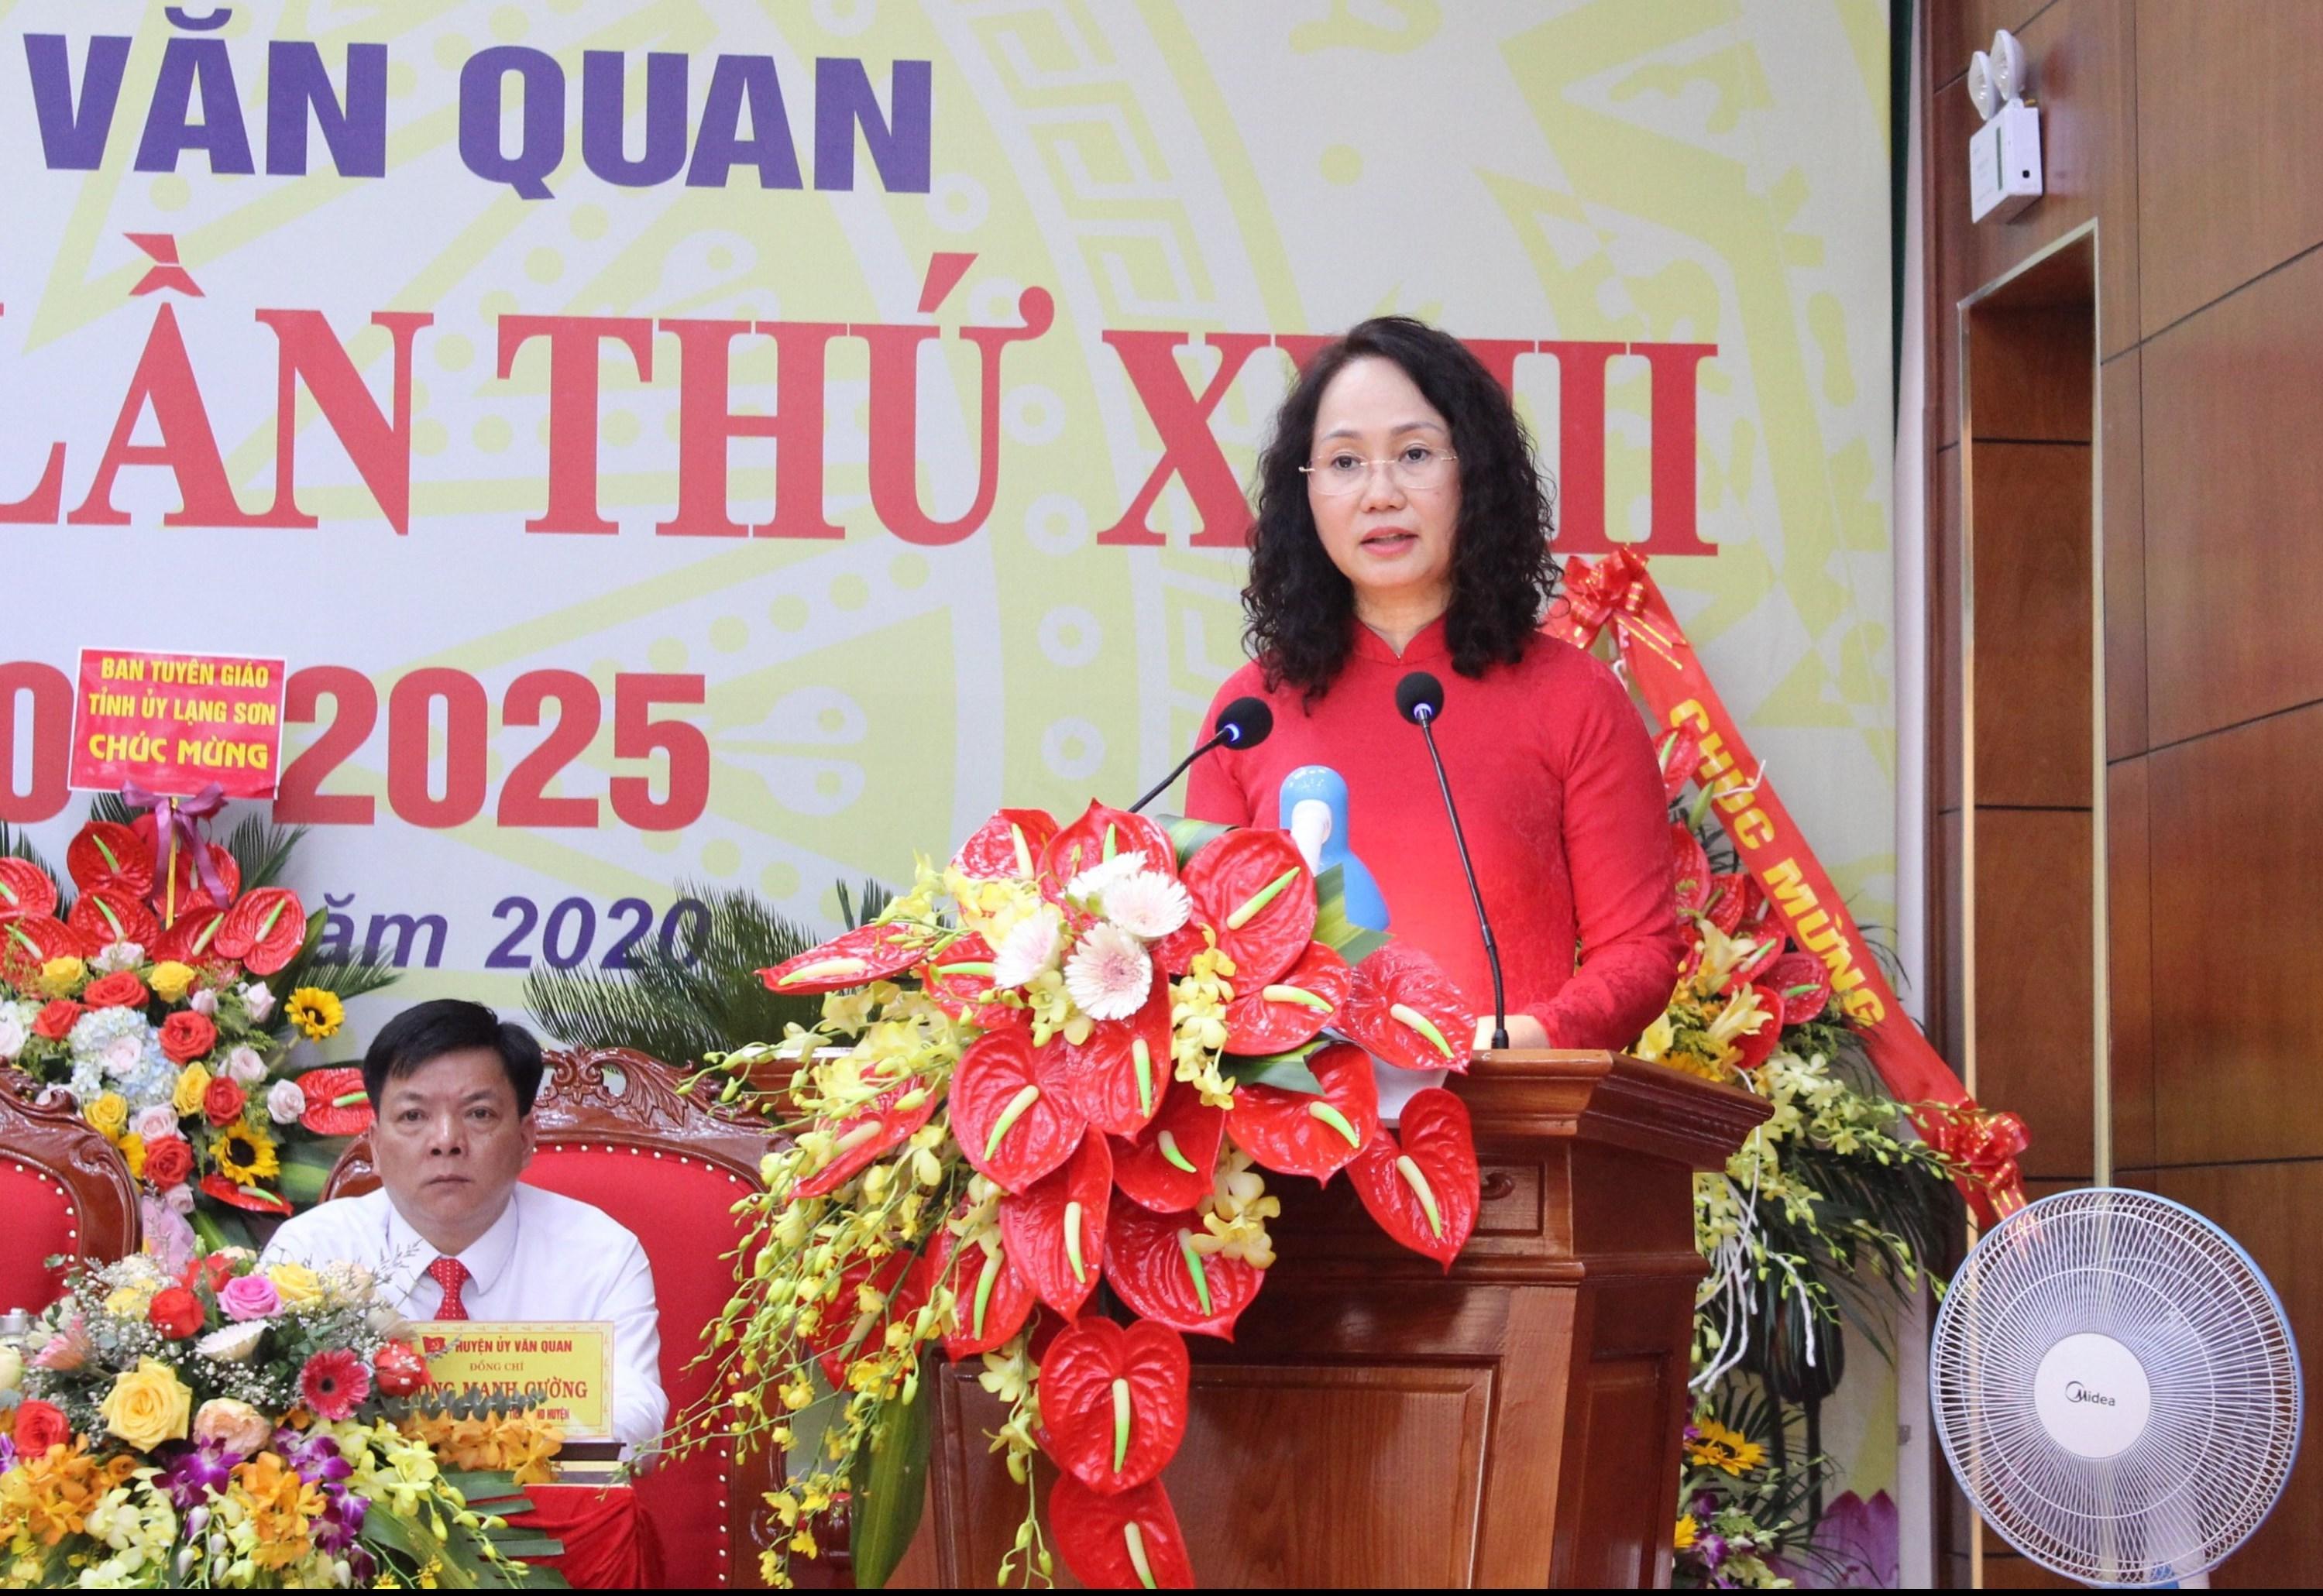 Đồng chí Lâm Thị Phương Thanh, Ủy viên Trung ương Đảng, Bí thư Tỉnh ủy Lạng Sơn phát biểu chỉ đạo Đại hội.